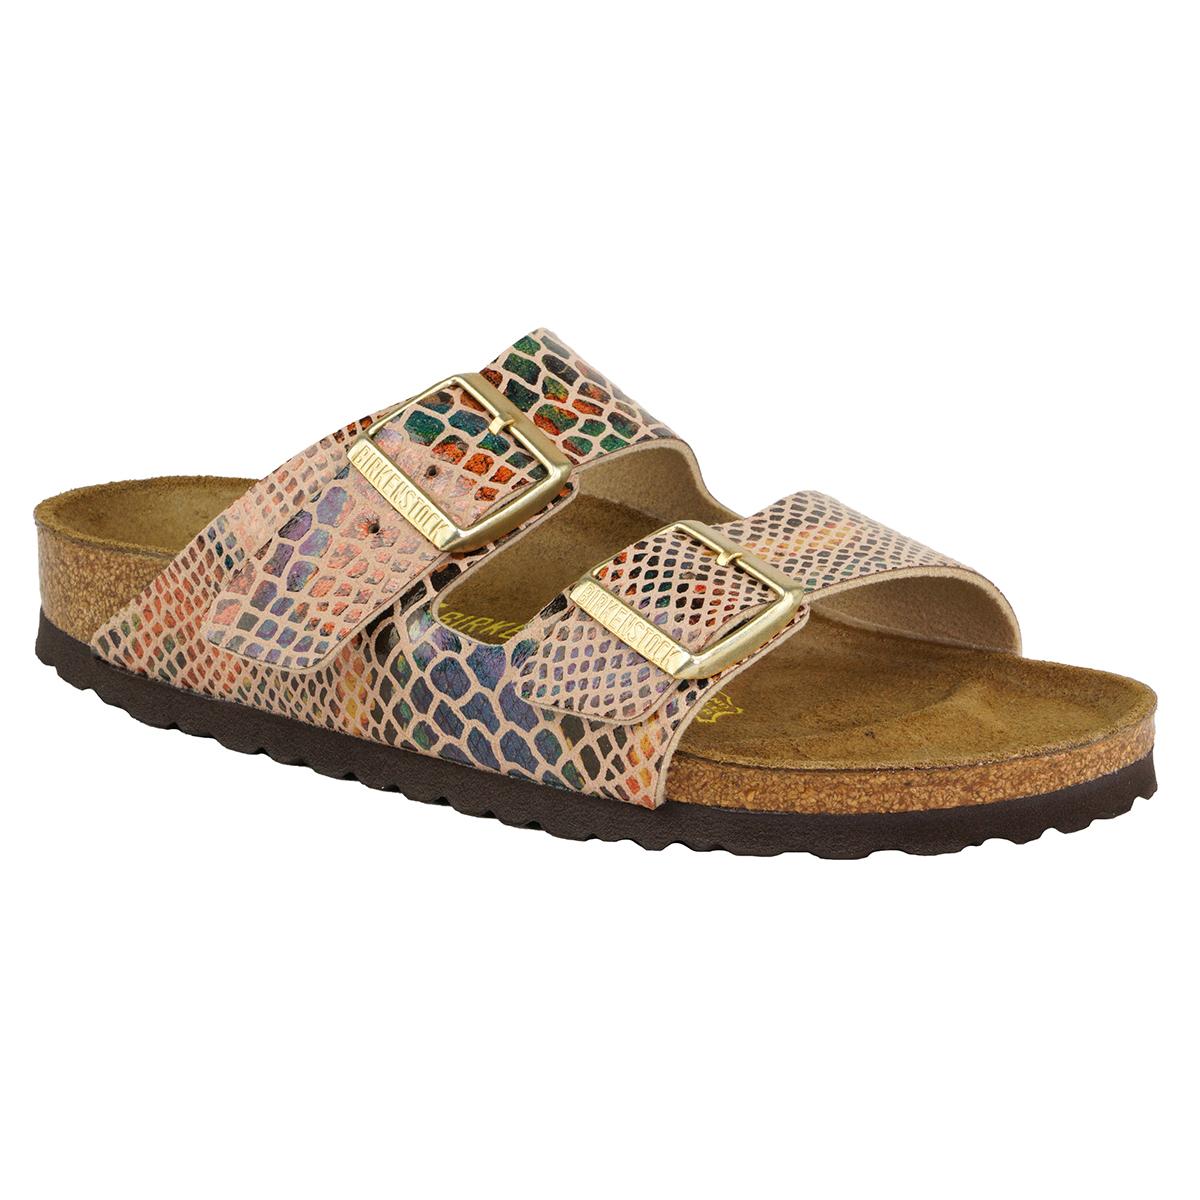 0e6b11f2626e Details about Birkenstock Arizona Birko-Flor Sandals Shiny Snake Sand 38 N